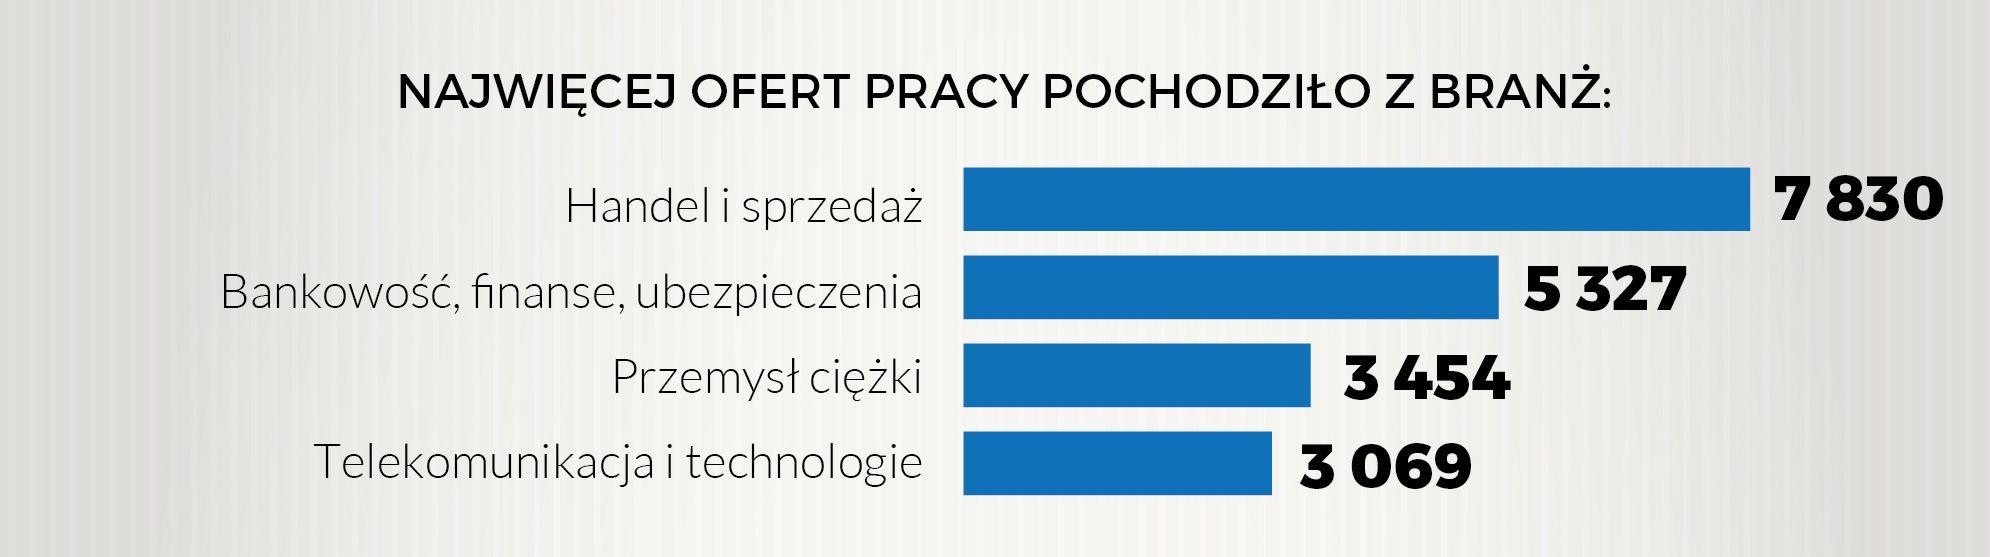 W maju najwięcej ofert pracy było w handlu i sprzedaży. (Źródło: Pracuj.pl)